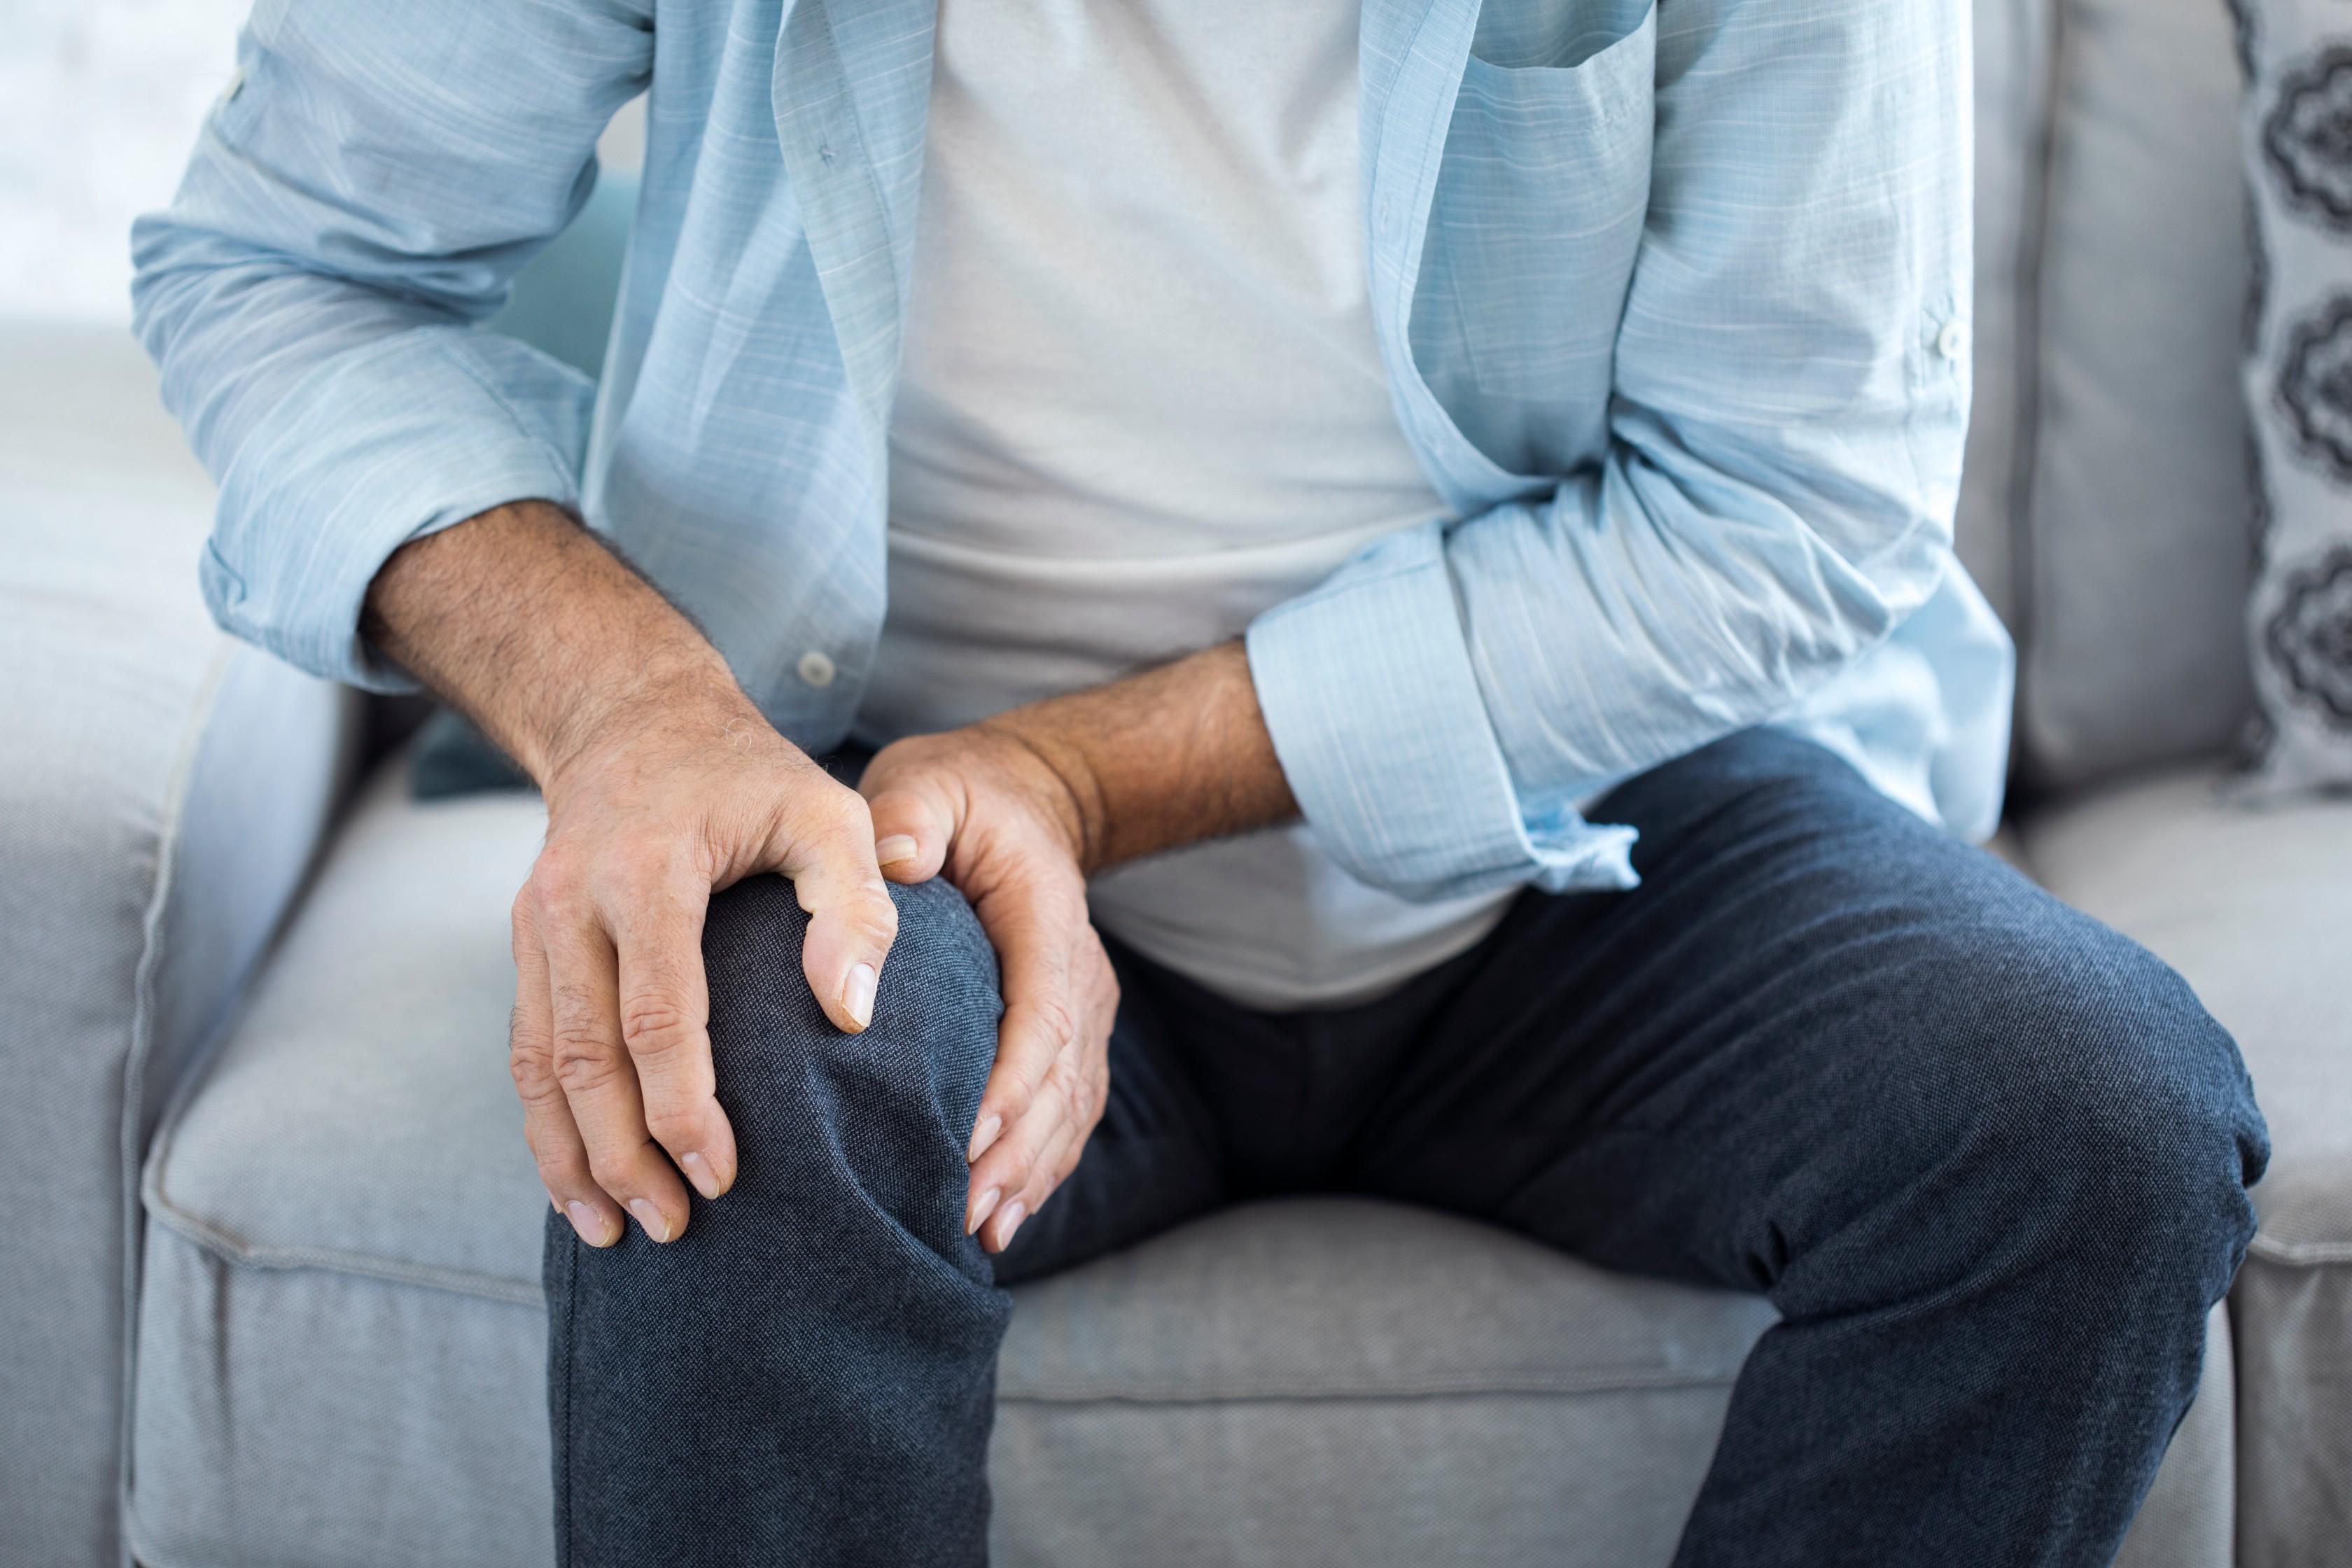 ízületi fájdalom, mit jelent a kezelés a srácnak ízületi fájdalma van